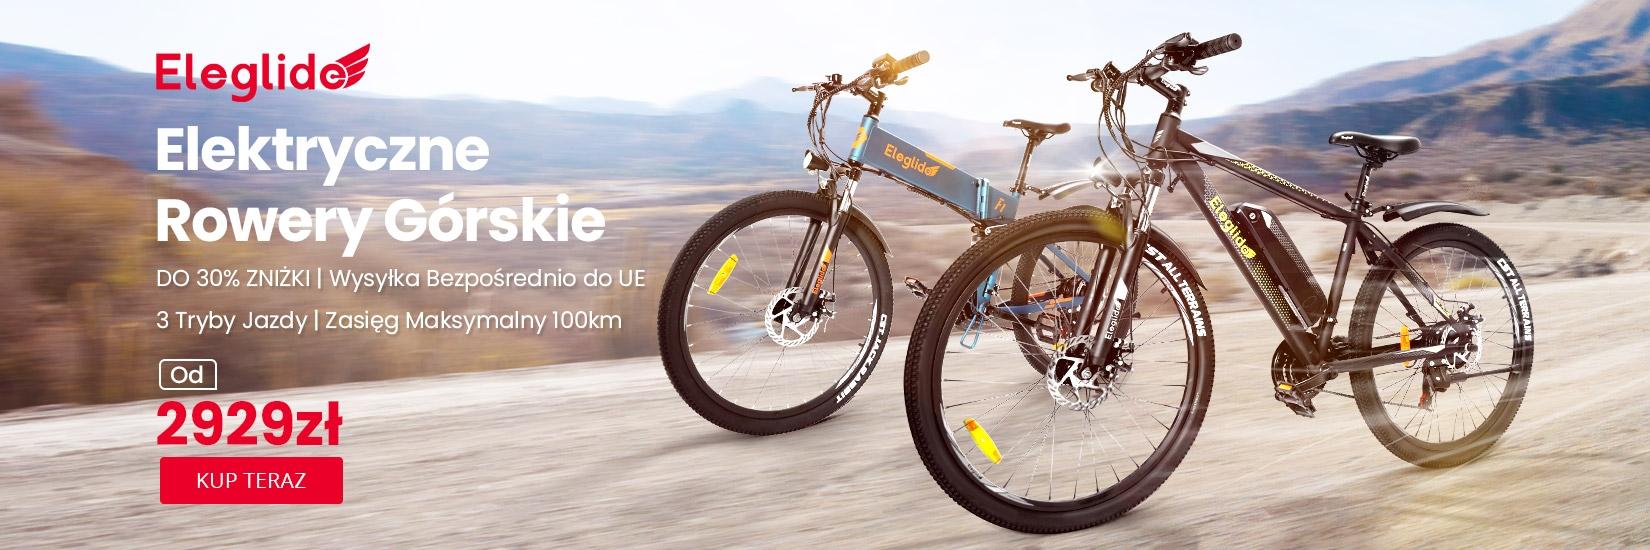 Elektryczne rowery górskie Eleglide już od 2929zł! oszczędź do 30%!